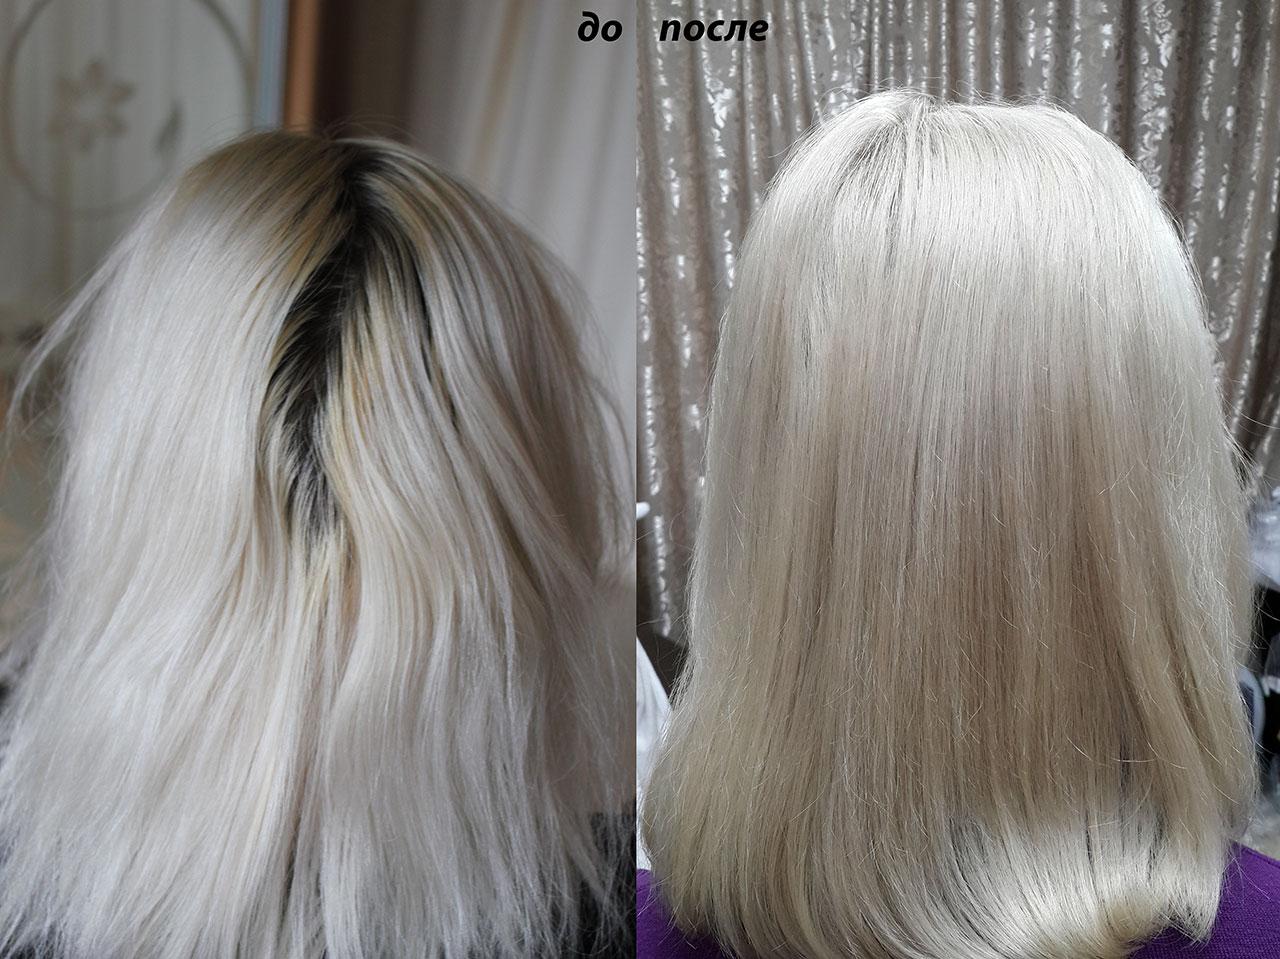 Окрашивание корней Исправление цвета светлый блонд